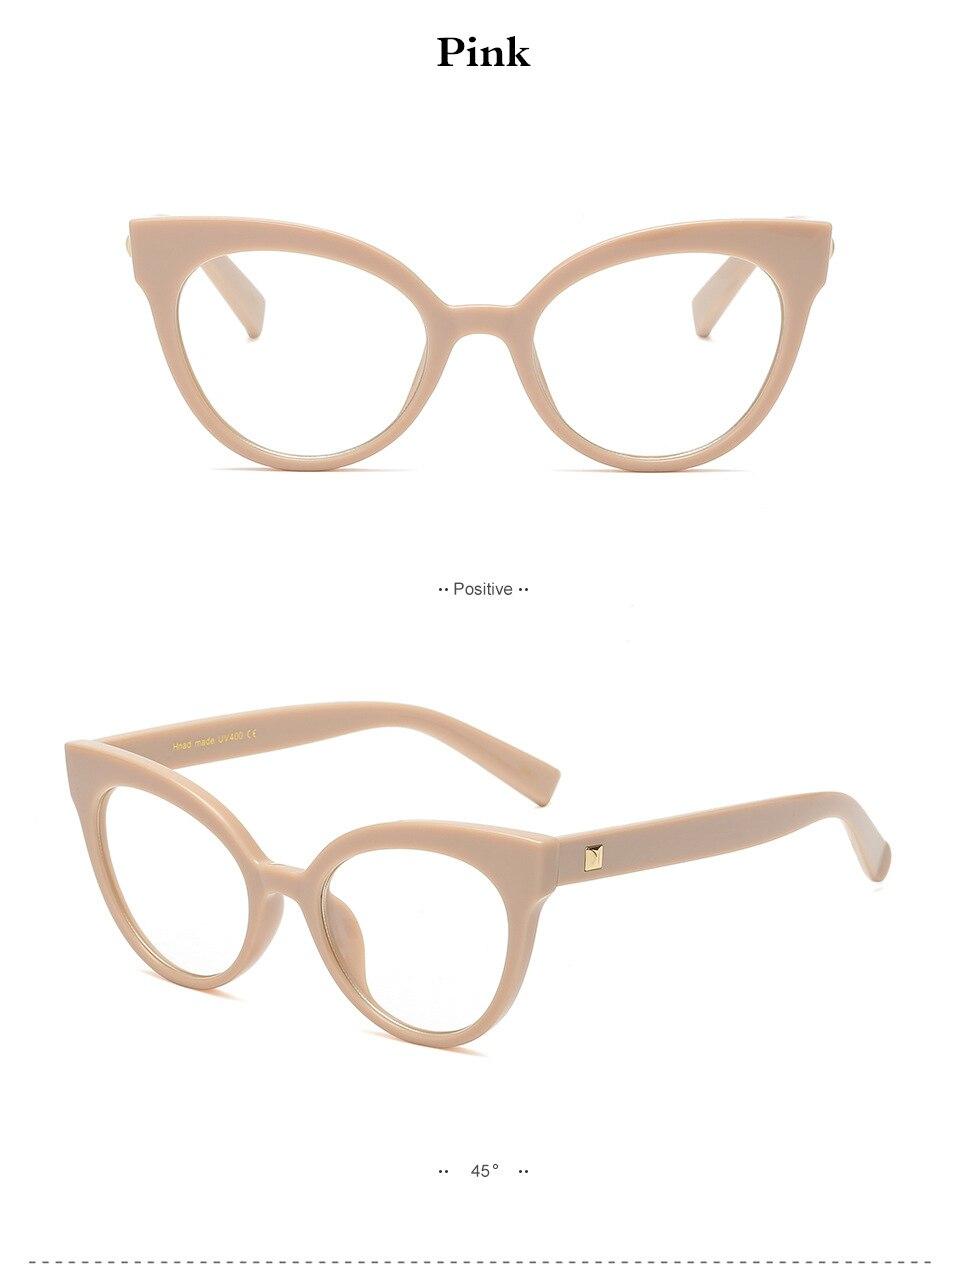 9d7114c69d AEVOGUE polarizado gafas de sol de las mujeres 2019 Popupar marco  transparente ojo de gato gafas de sol Vintage Oculos mujer UV400 AE0654